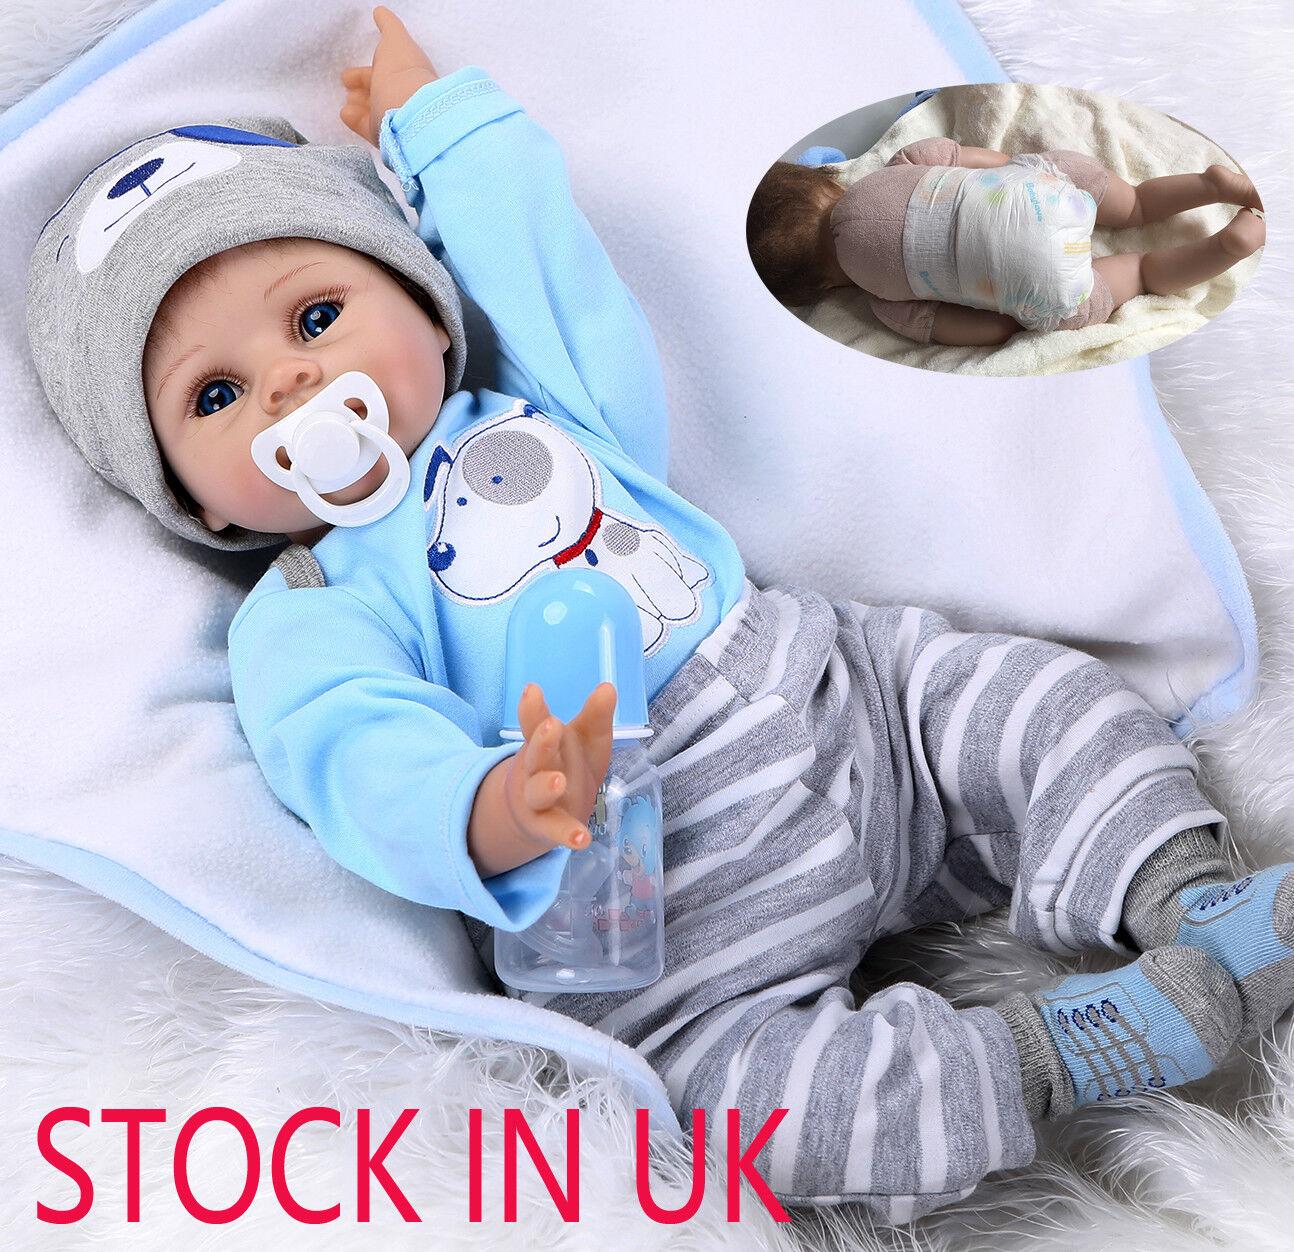 Realistici Baby Boy 22  morbido silicone simulazione RINATO Baby Dolls formazione sostegni